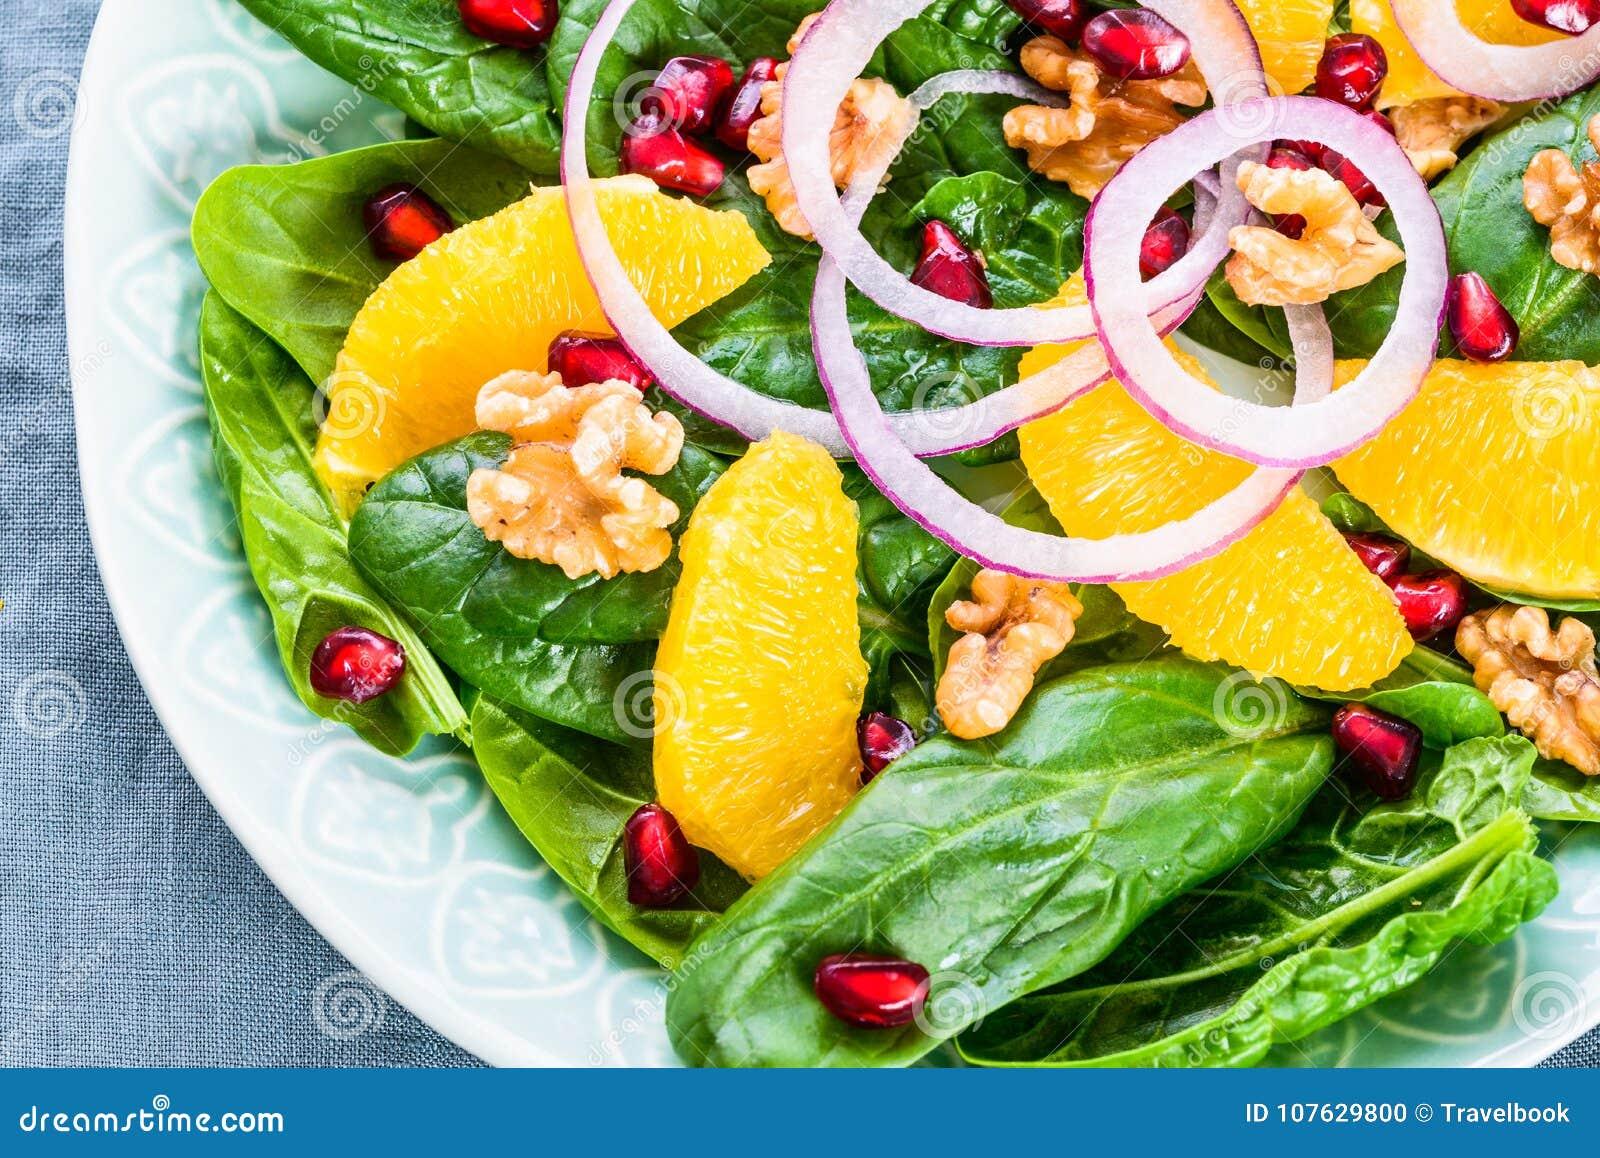 Grüner Salat Mit Frischen Spinatsblättern Und -orange Stockfoto ...